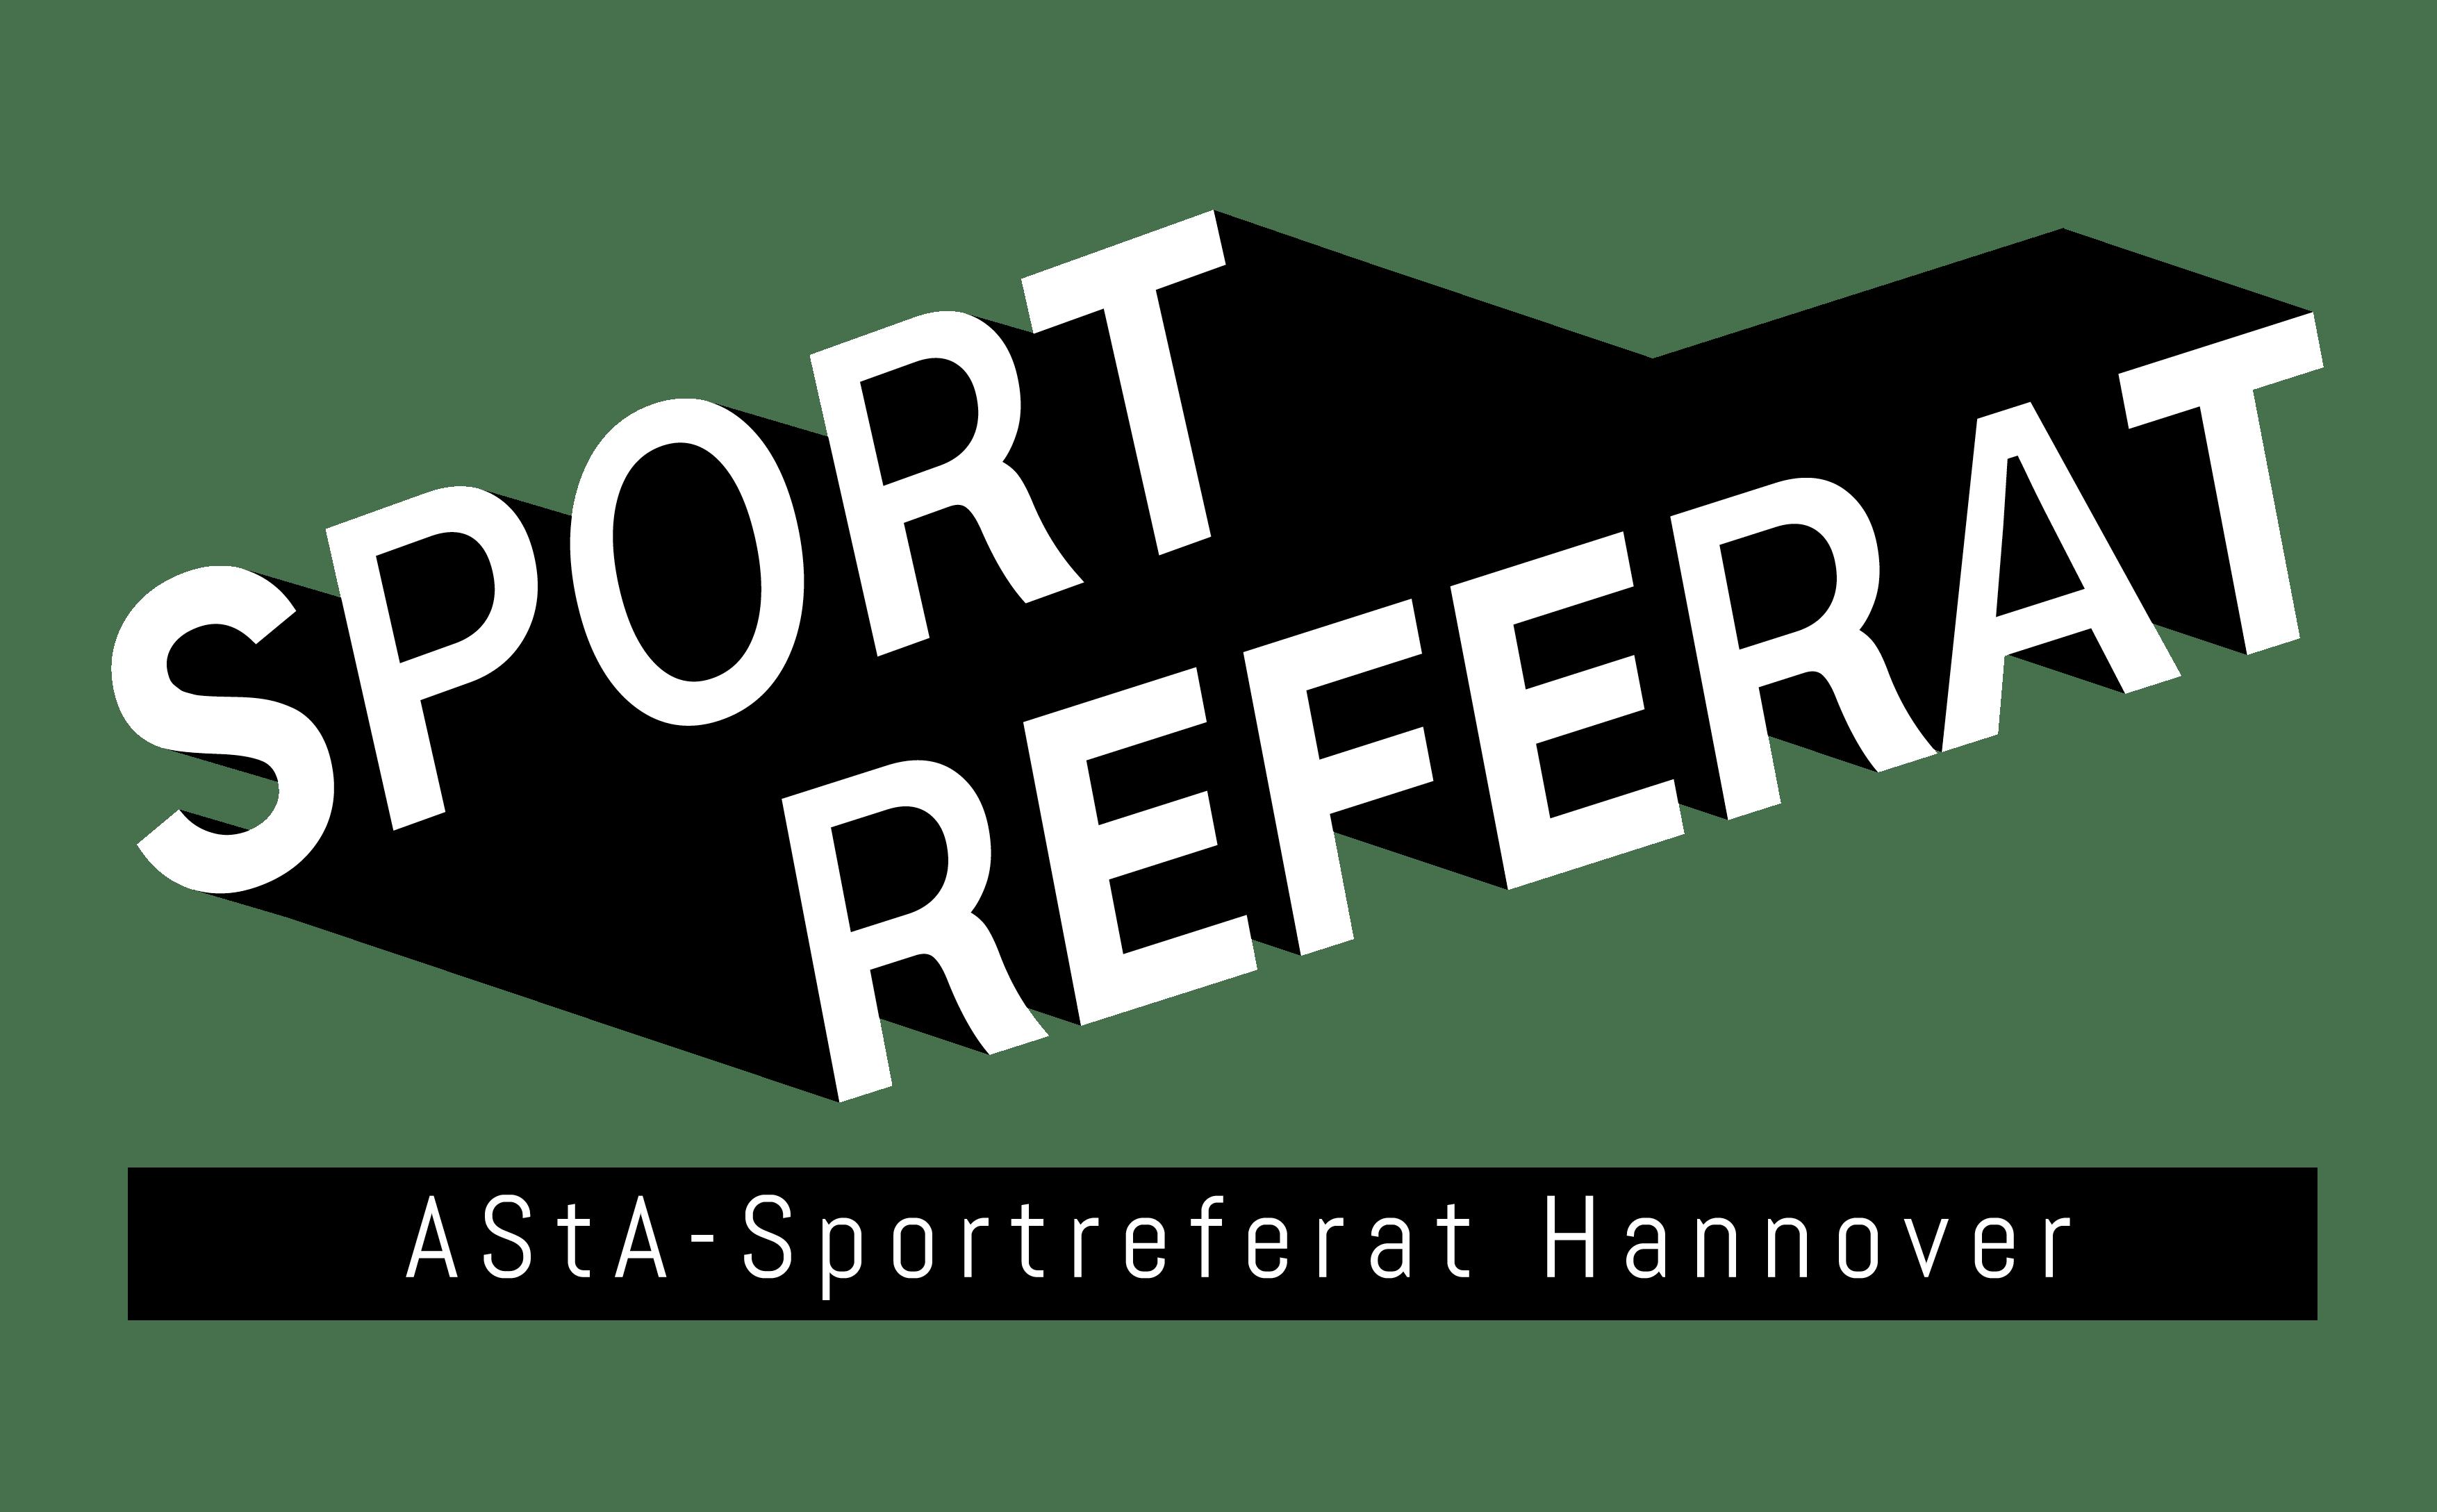 AStA - Sportreferat Hannover